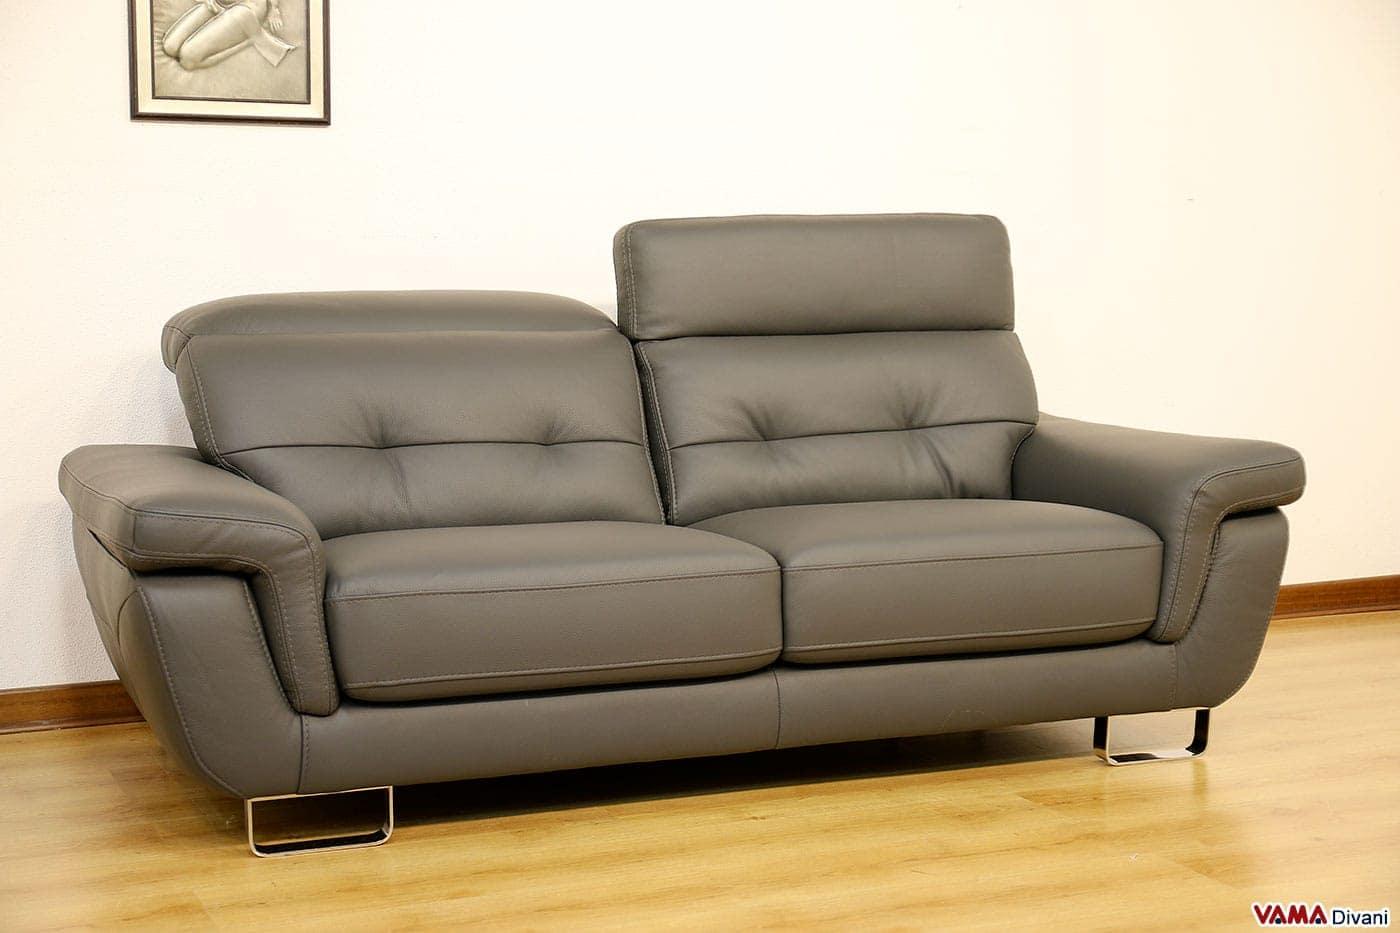 Divano moderno 3 posti grigio in vera pelle in occasione for Misure divani angolari 3 posti